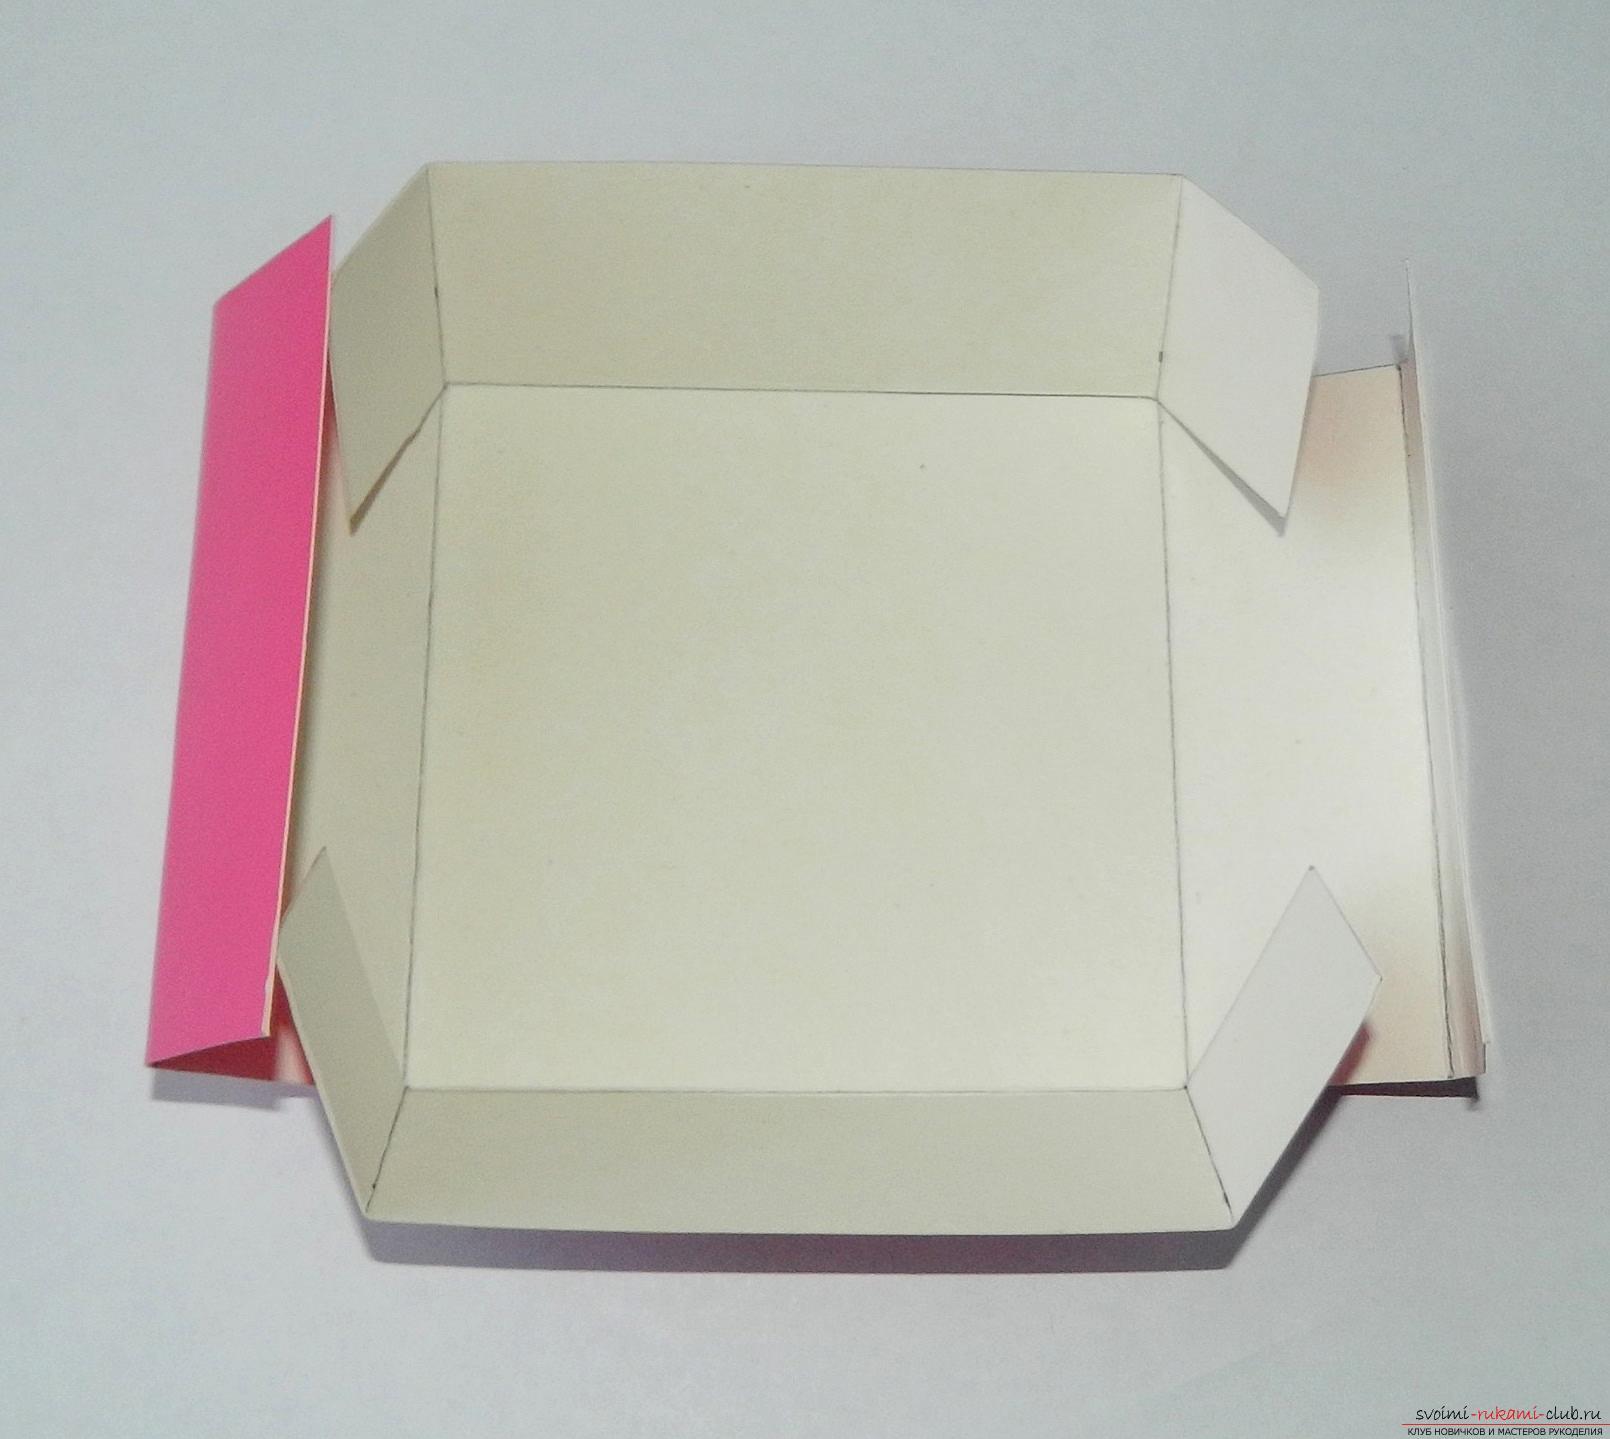 Как сделать квадратную коробку из картона 14